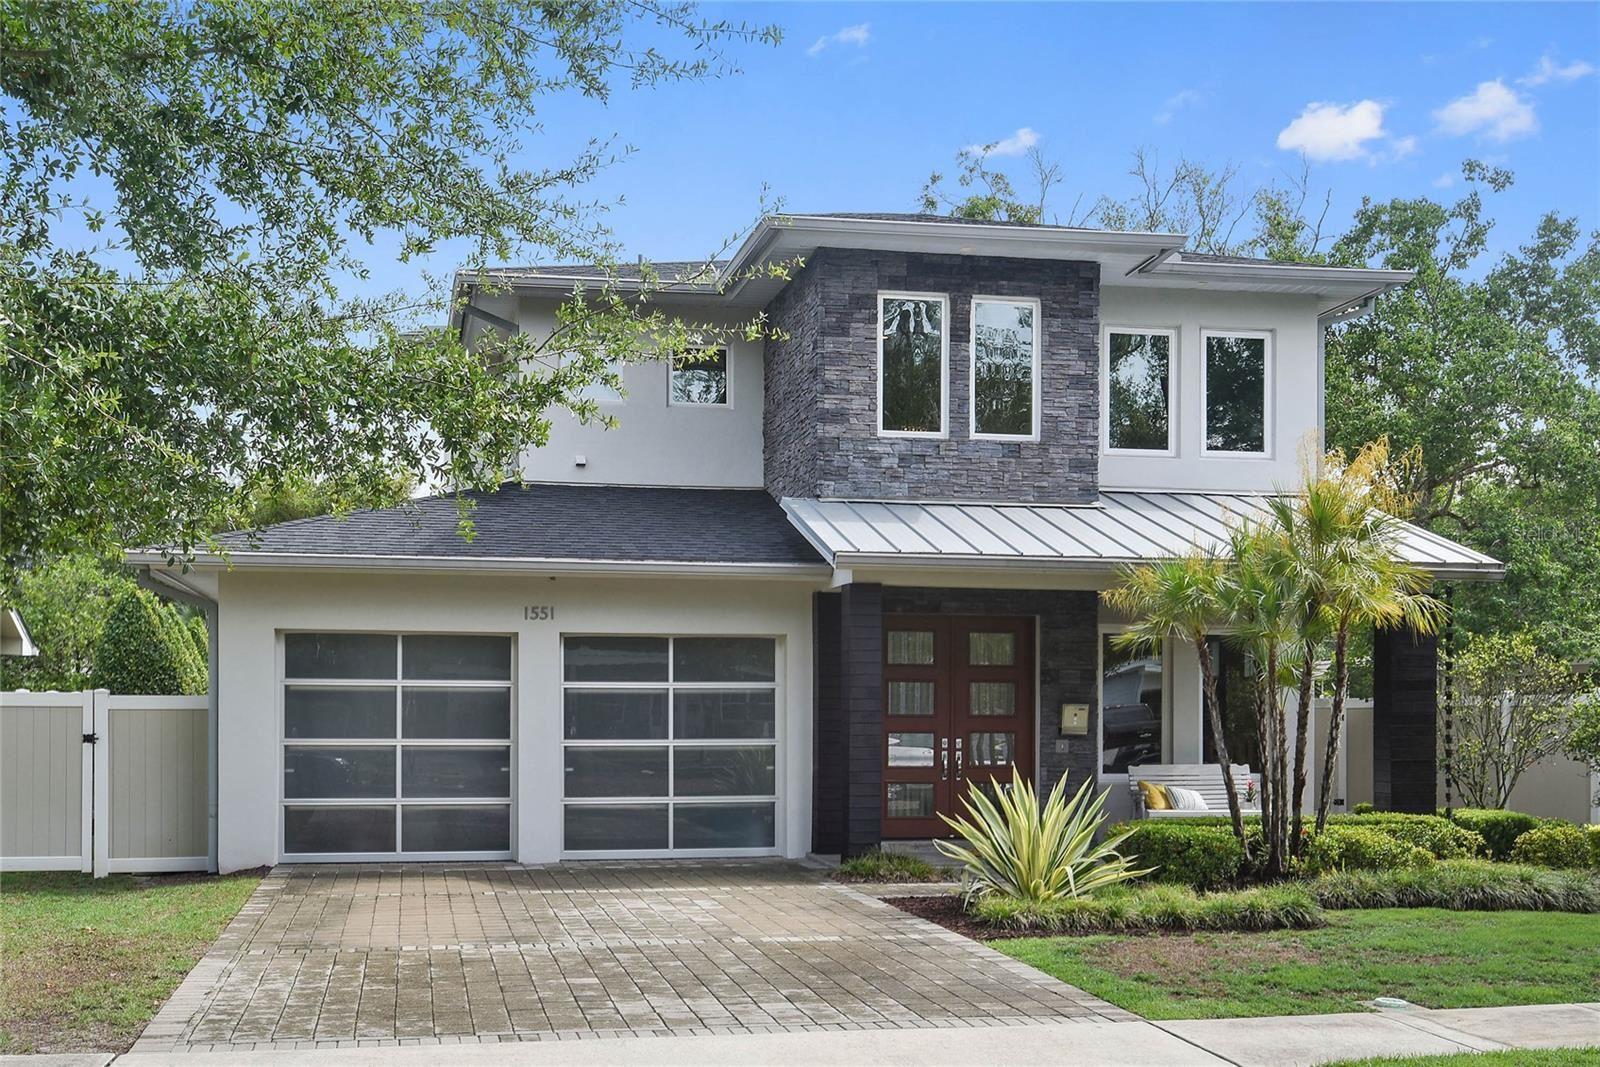 1551 ONECO AVENUE, Winter Park, FL 32789 - #: O5954300